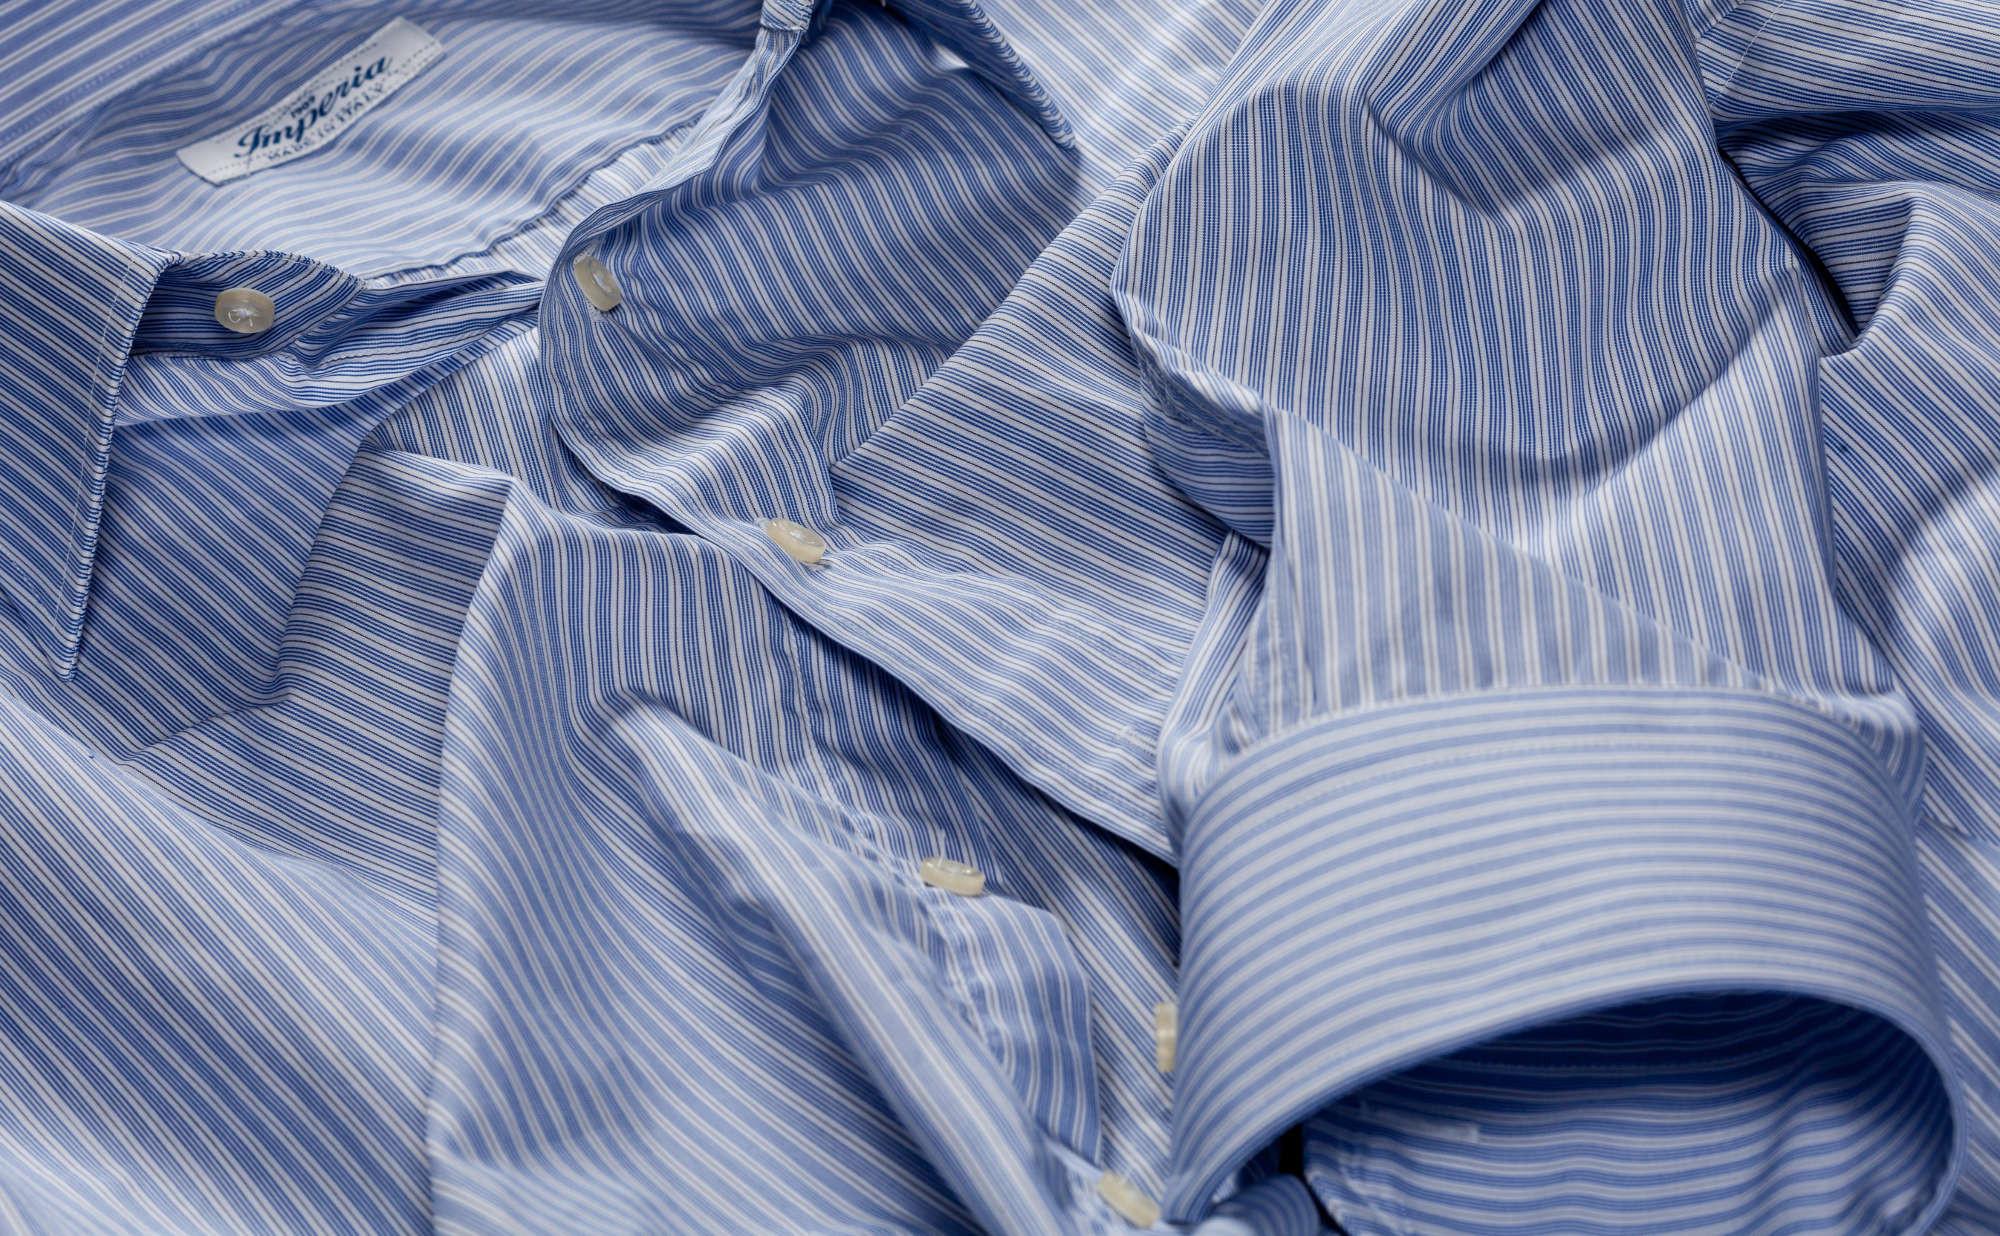 da78857e83 Come lavare le camicie in lavatrice - News - Camiceria Smeralda